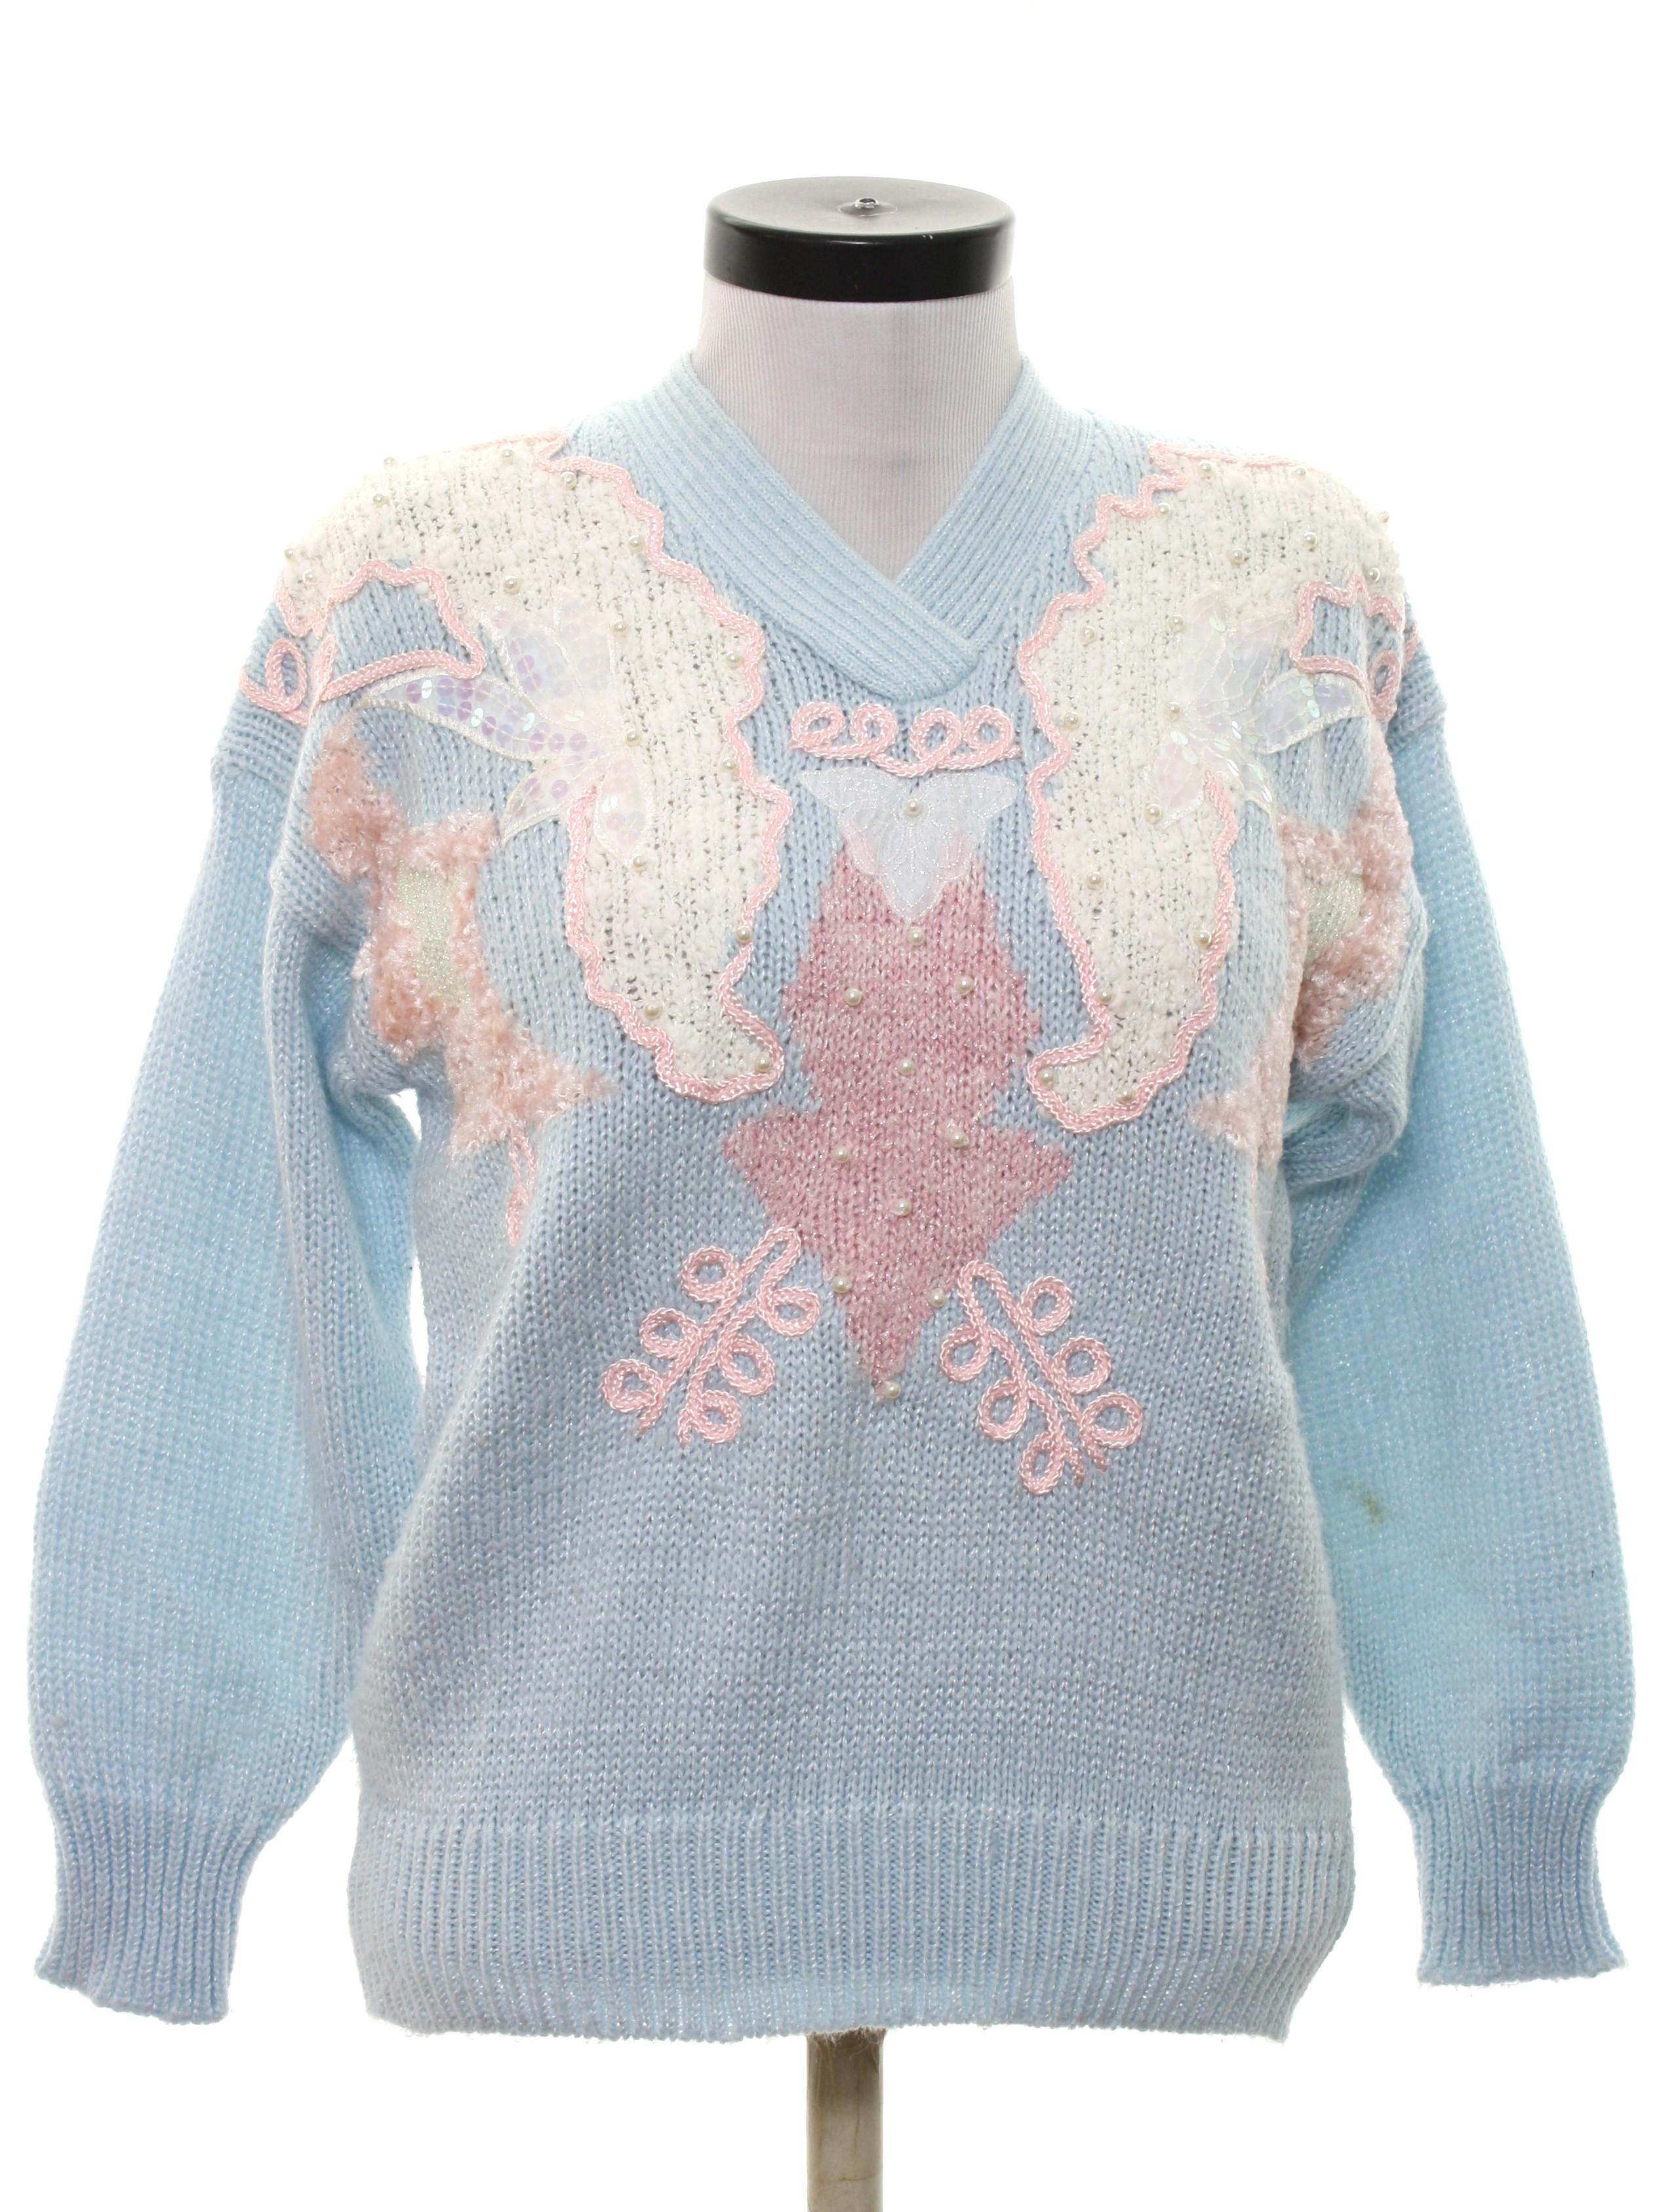 80s Beaded Sweater Jocelyn Smith 80s Jocelyn Smith Womens Light